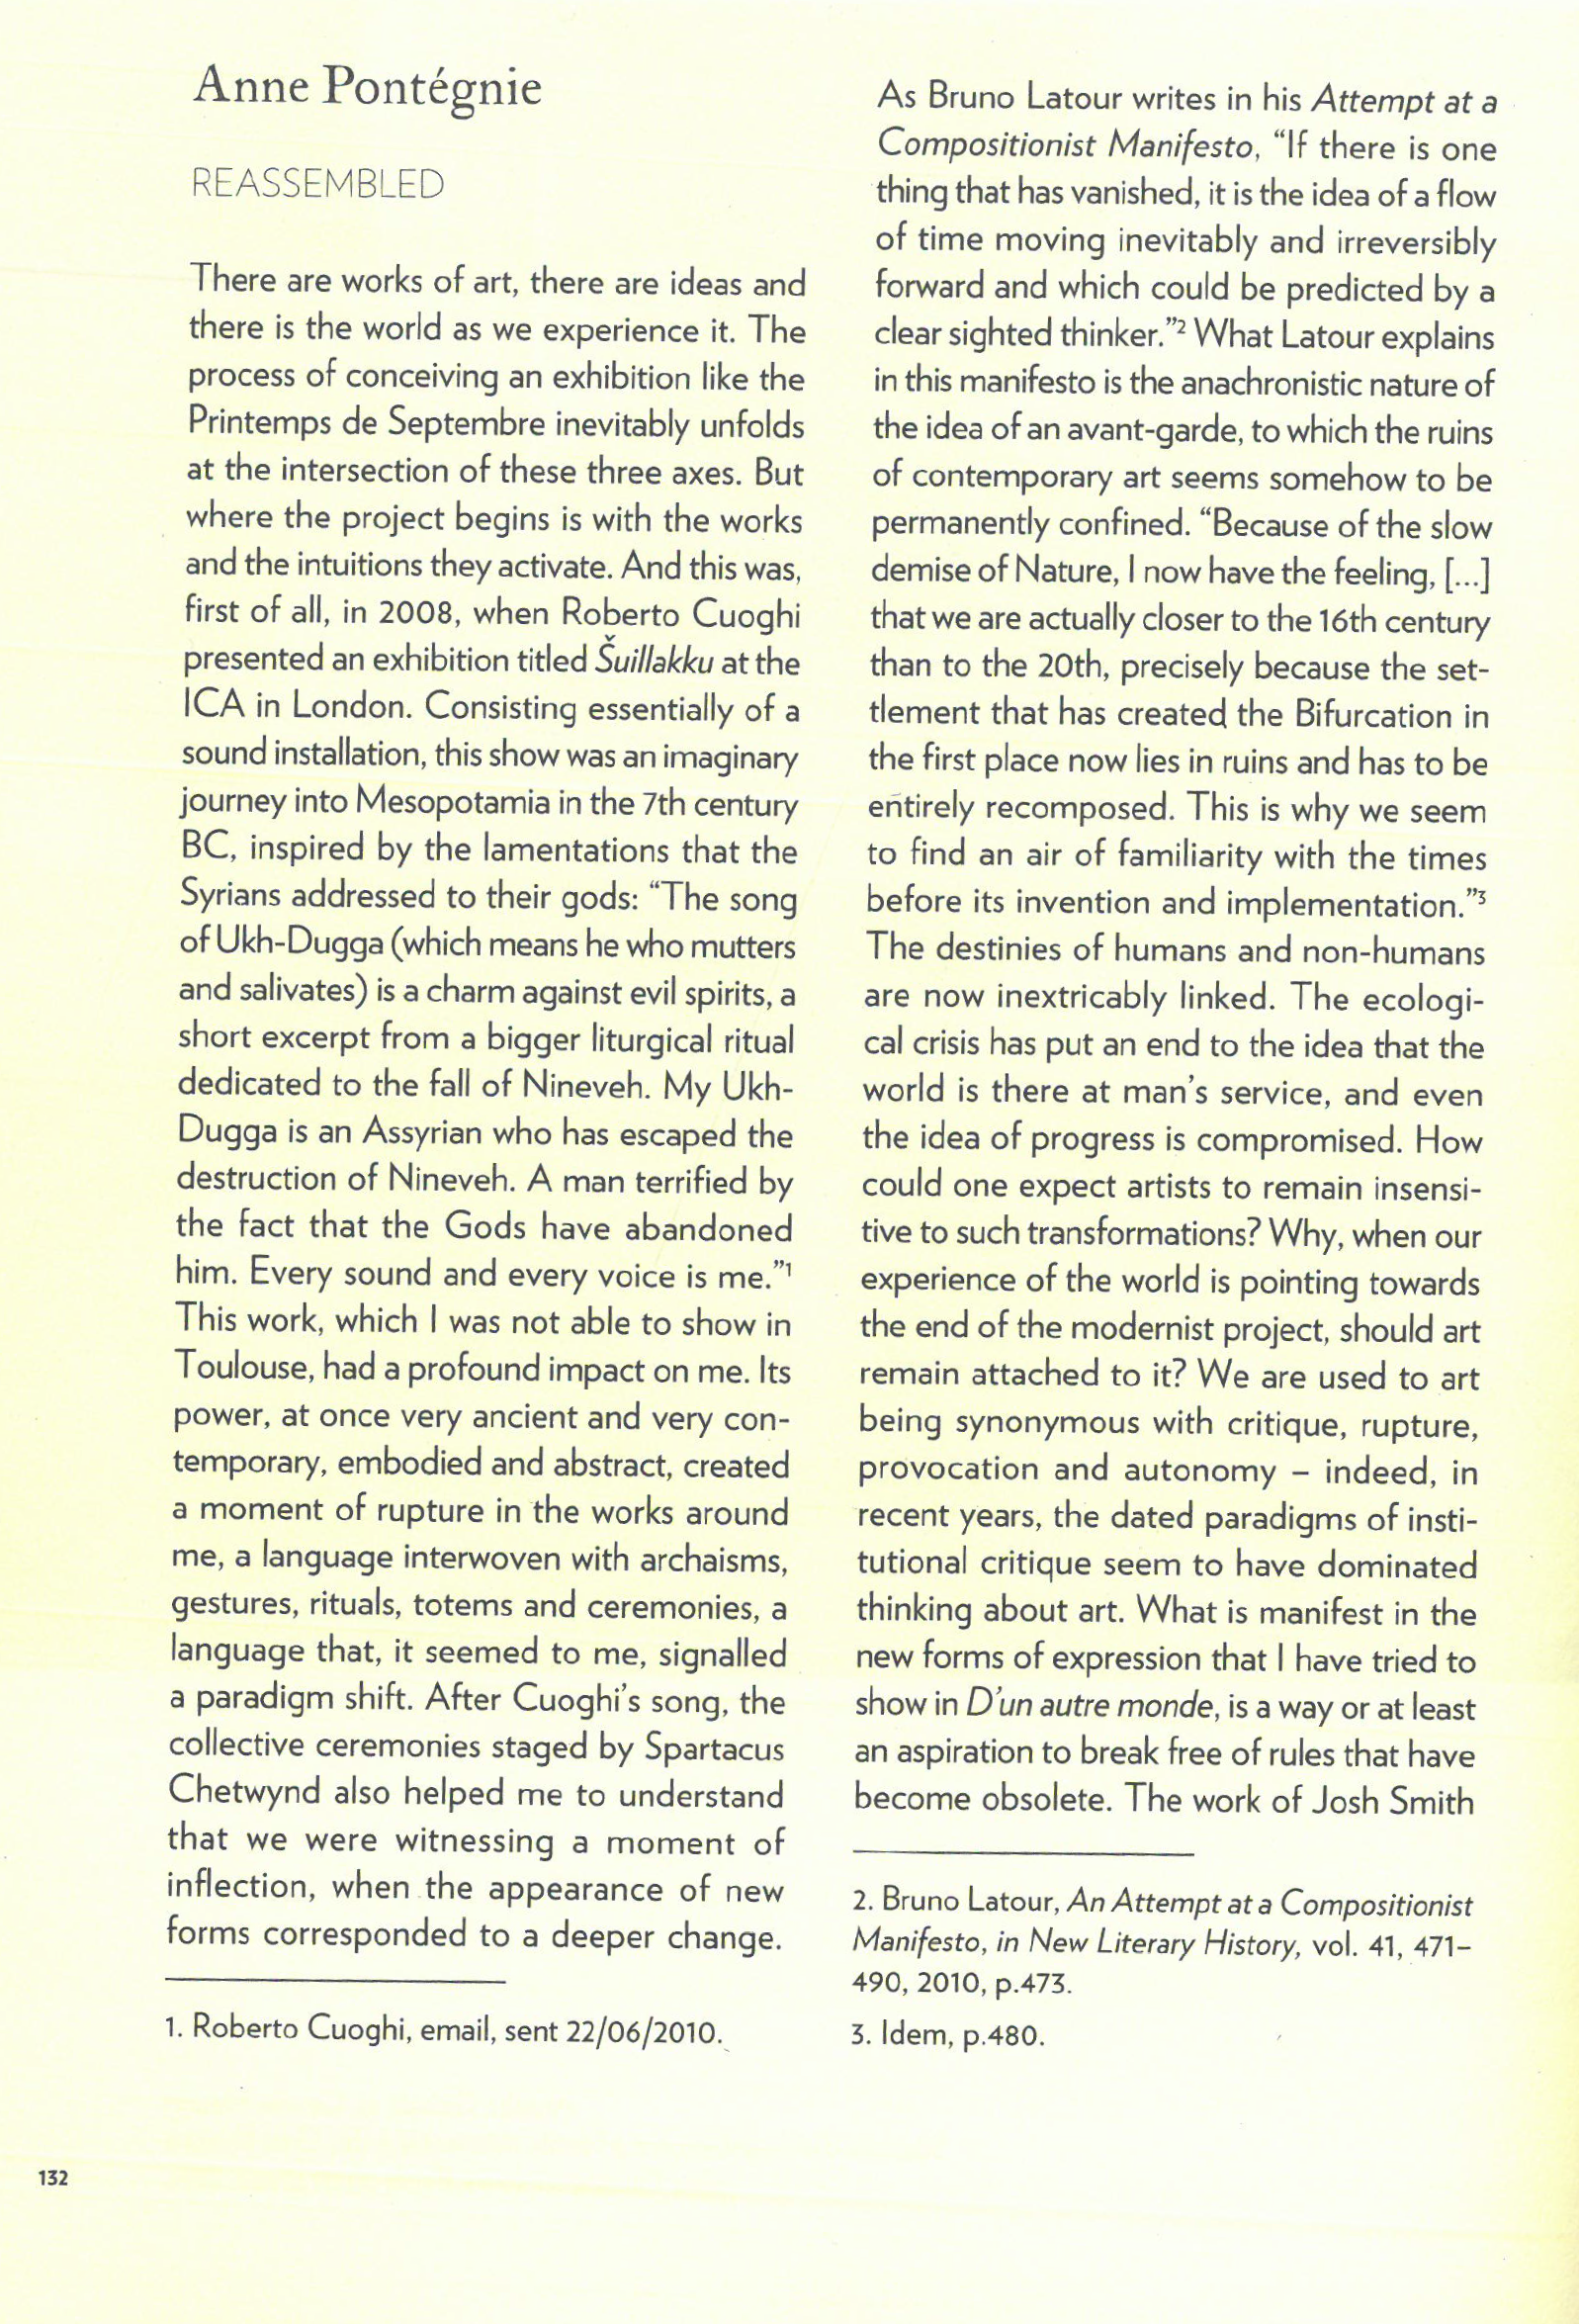 """Anne Pontégnie, """"Reassembled,"""" in: Le Printemps de Septembre à Toulouse: festival de création contemporaine. """"D'un Autre Monde"""". Dijon: Les Presses du Réel, 2011, p.132-136."""